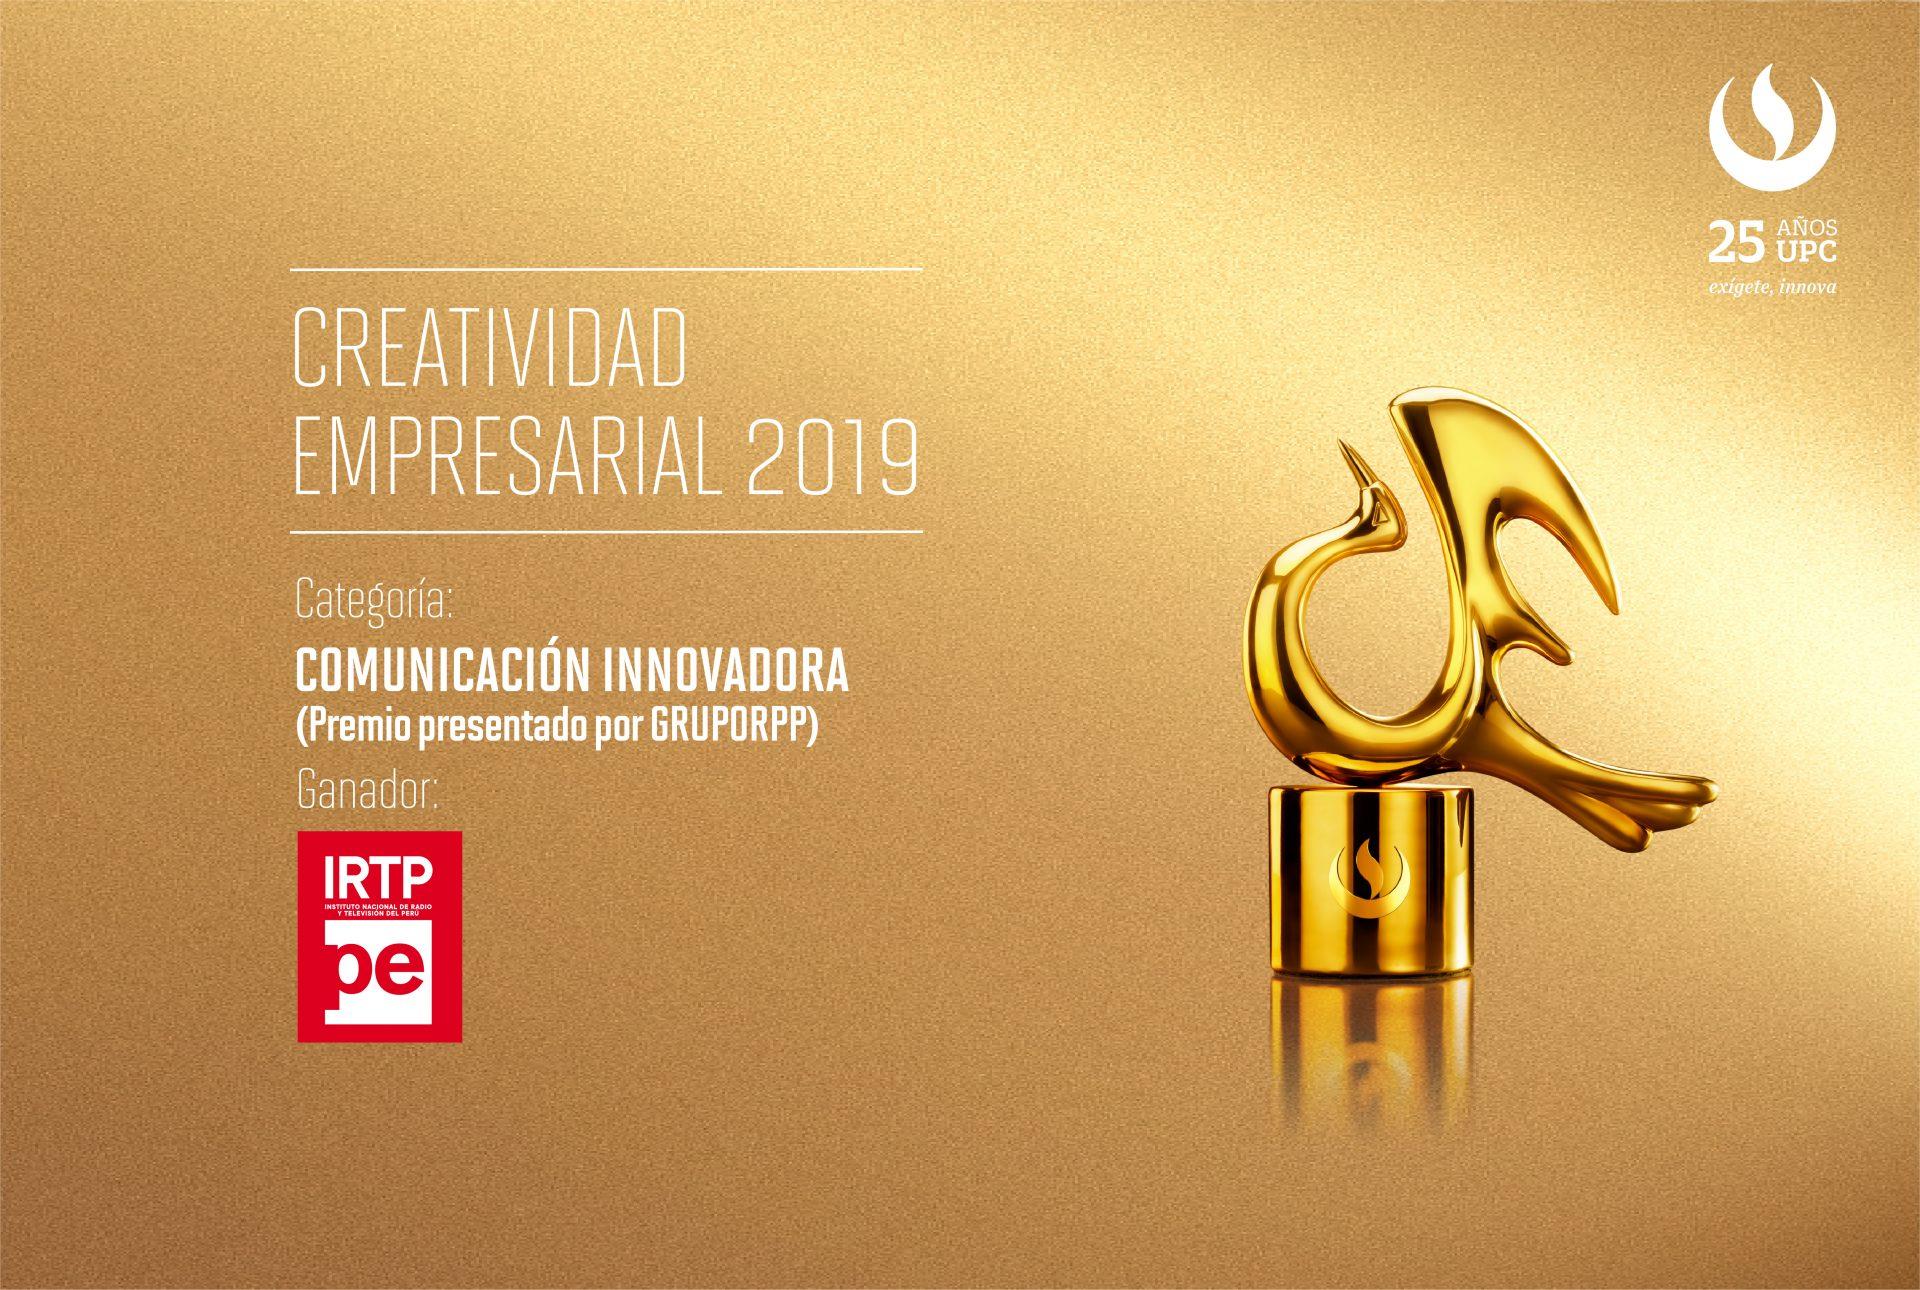 Creatividad Empresarial: Canal IPe del INRTP ganó en la categoría Comunicación Innovadora